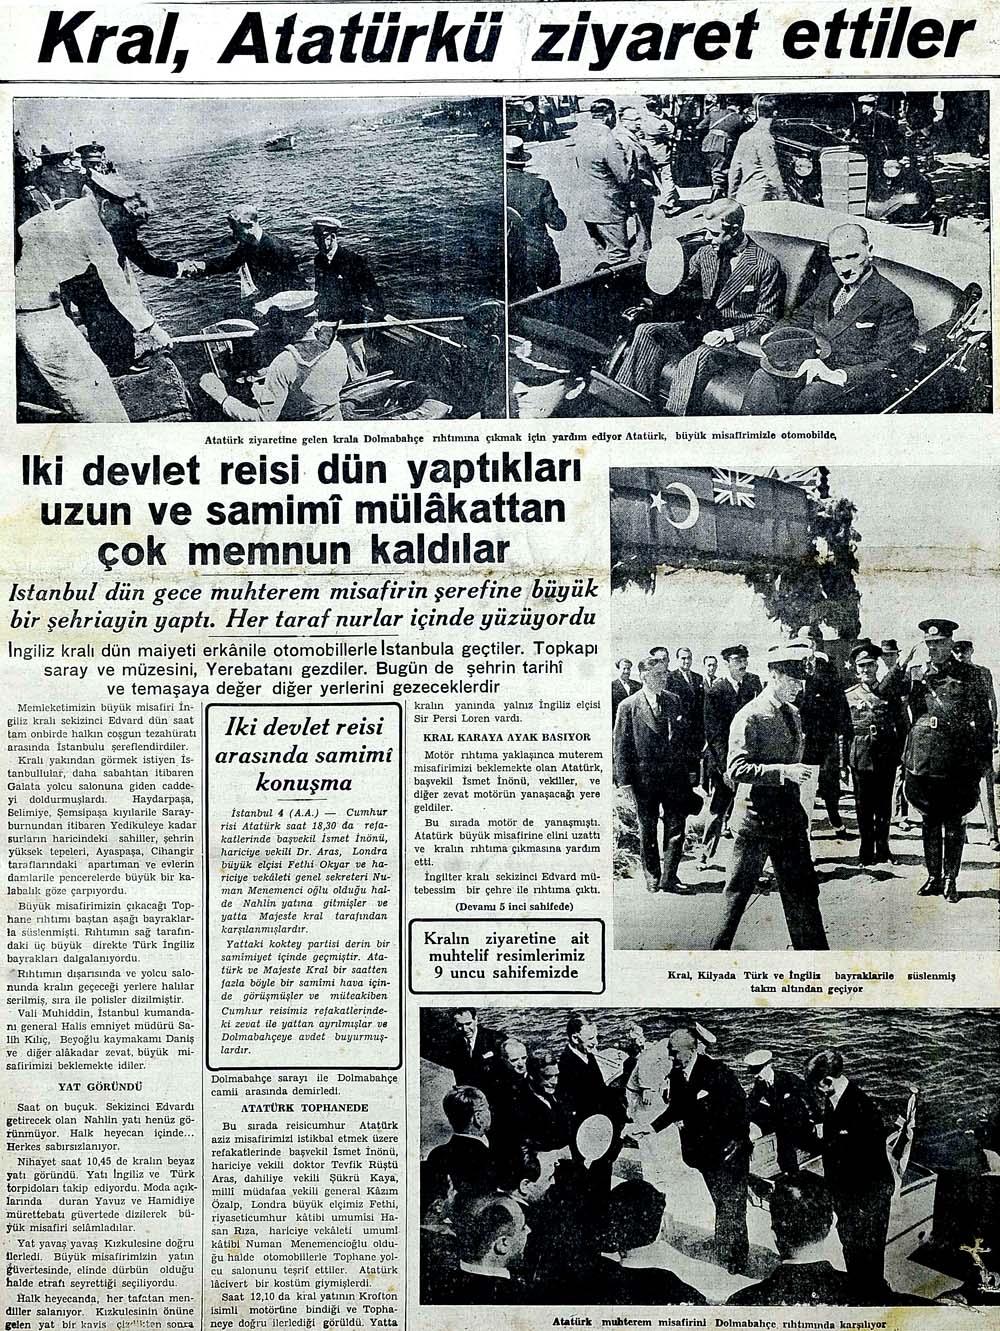 Kral, Atatürkü ziyaret ettiler